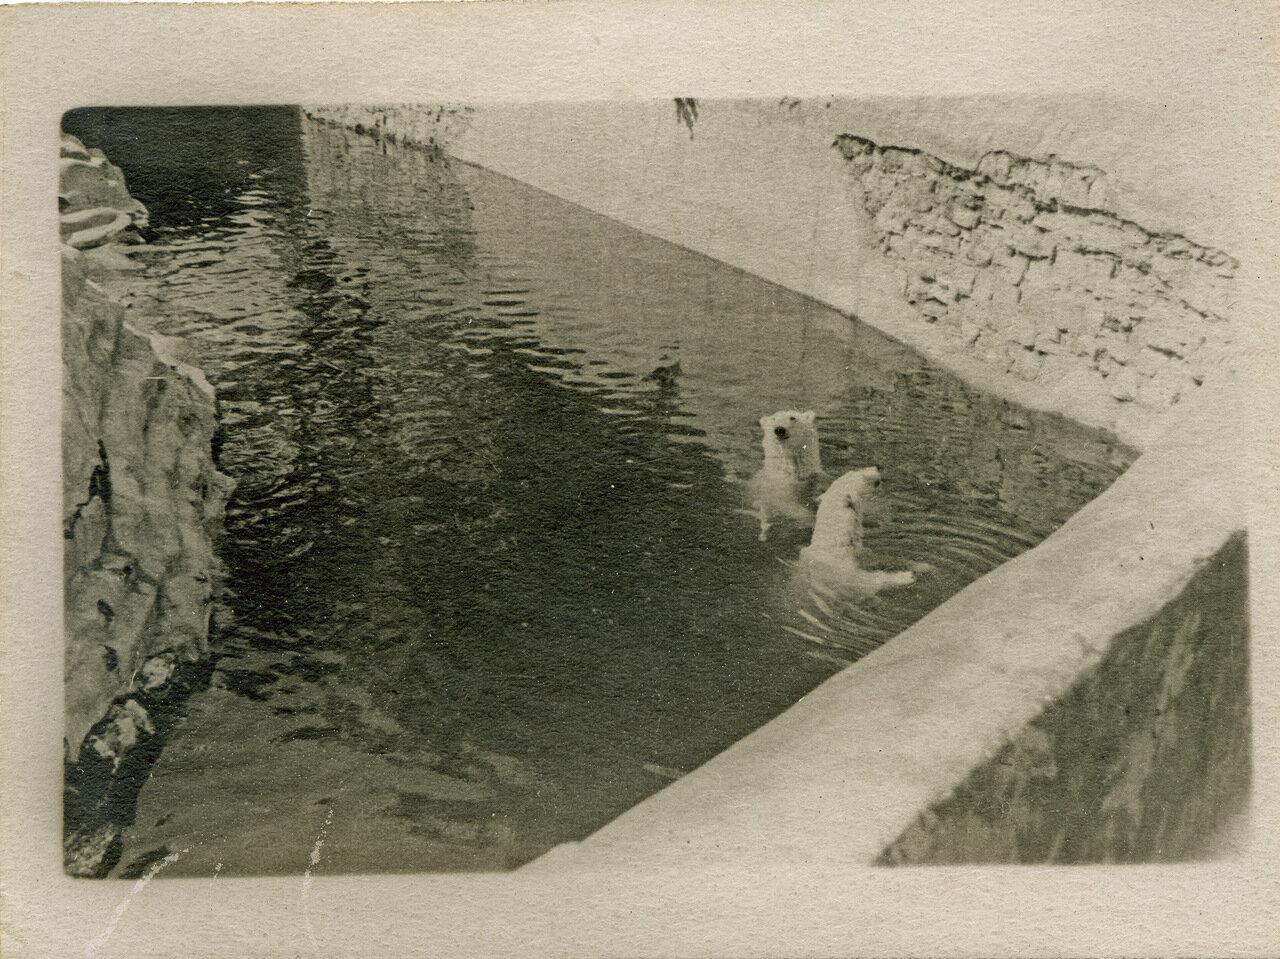 Московский зоопарк. 1940 г.